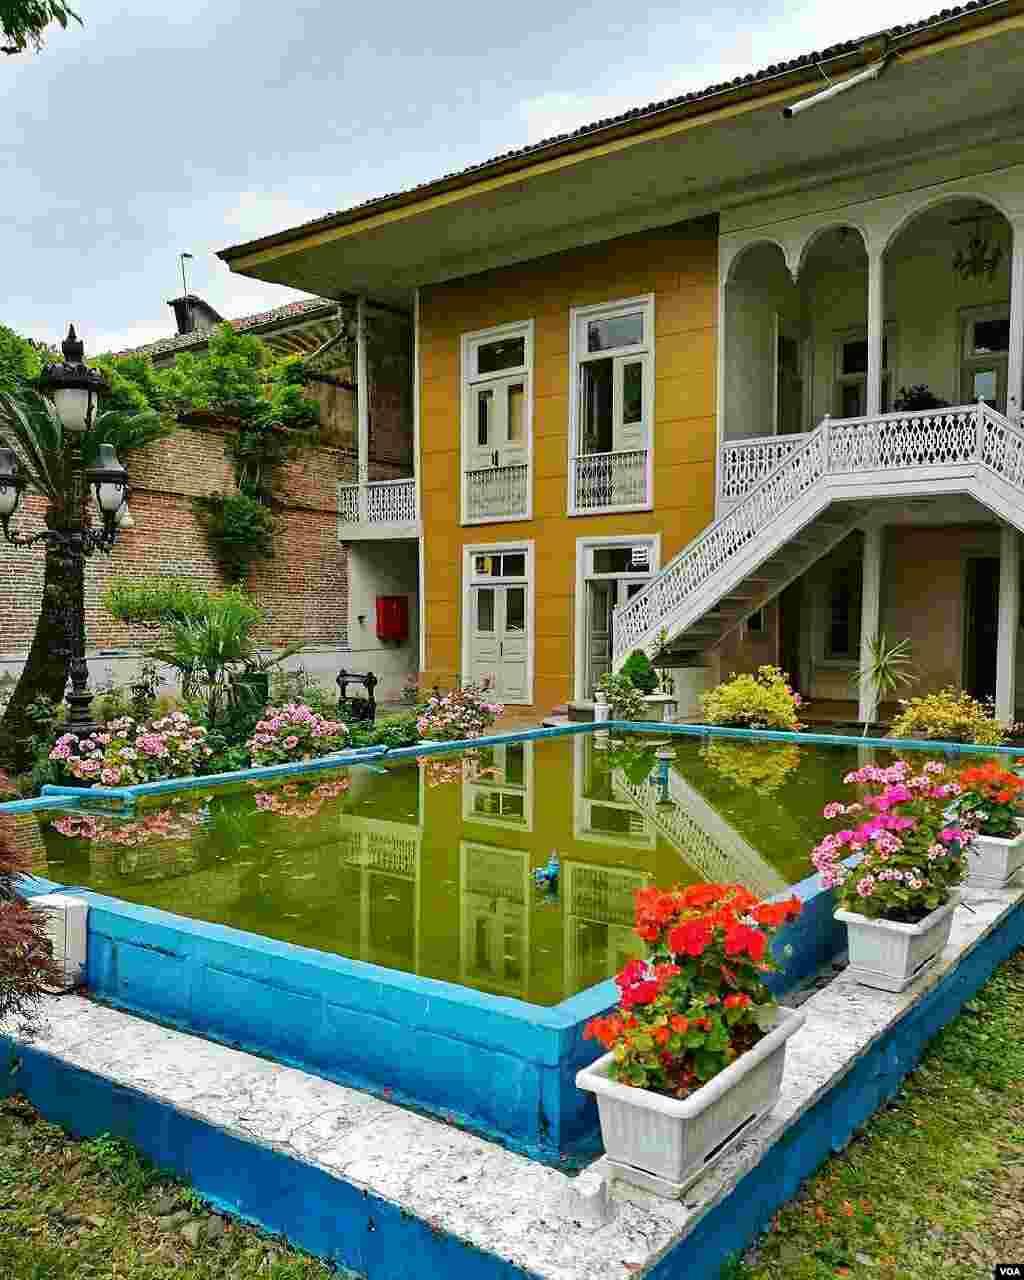 خانه اولین شهردار رشت که ۹۰ سال پیش ساخته شد و اکنون محل شورای شهر است. عکس: بهادر (ارسالی شما)